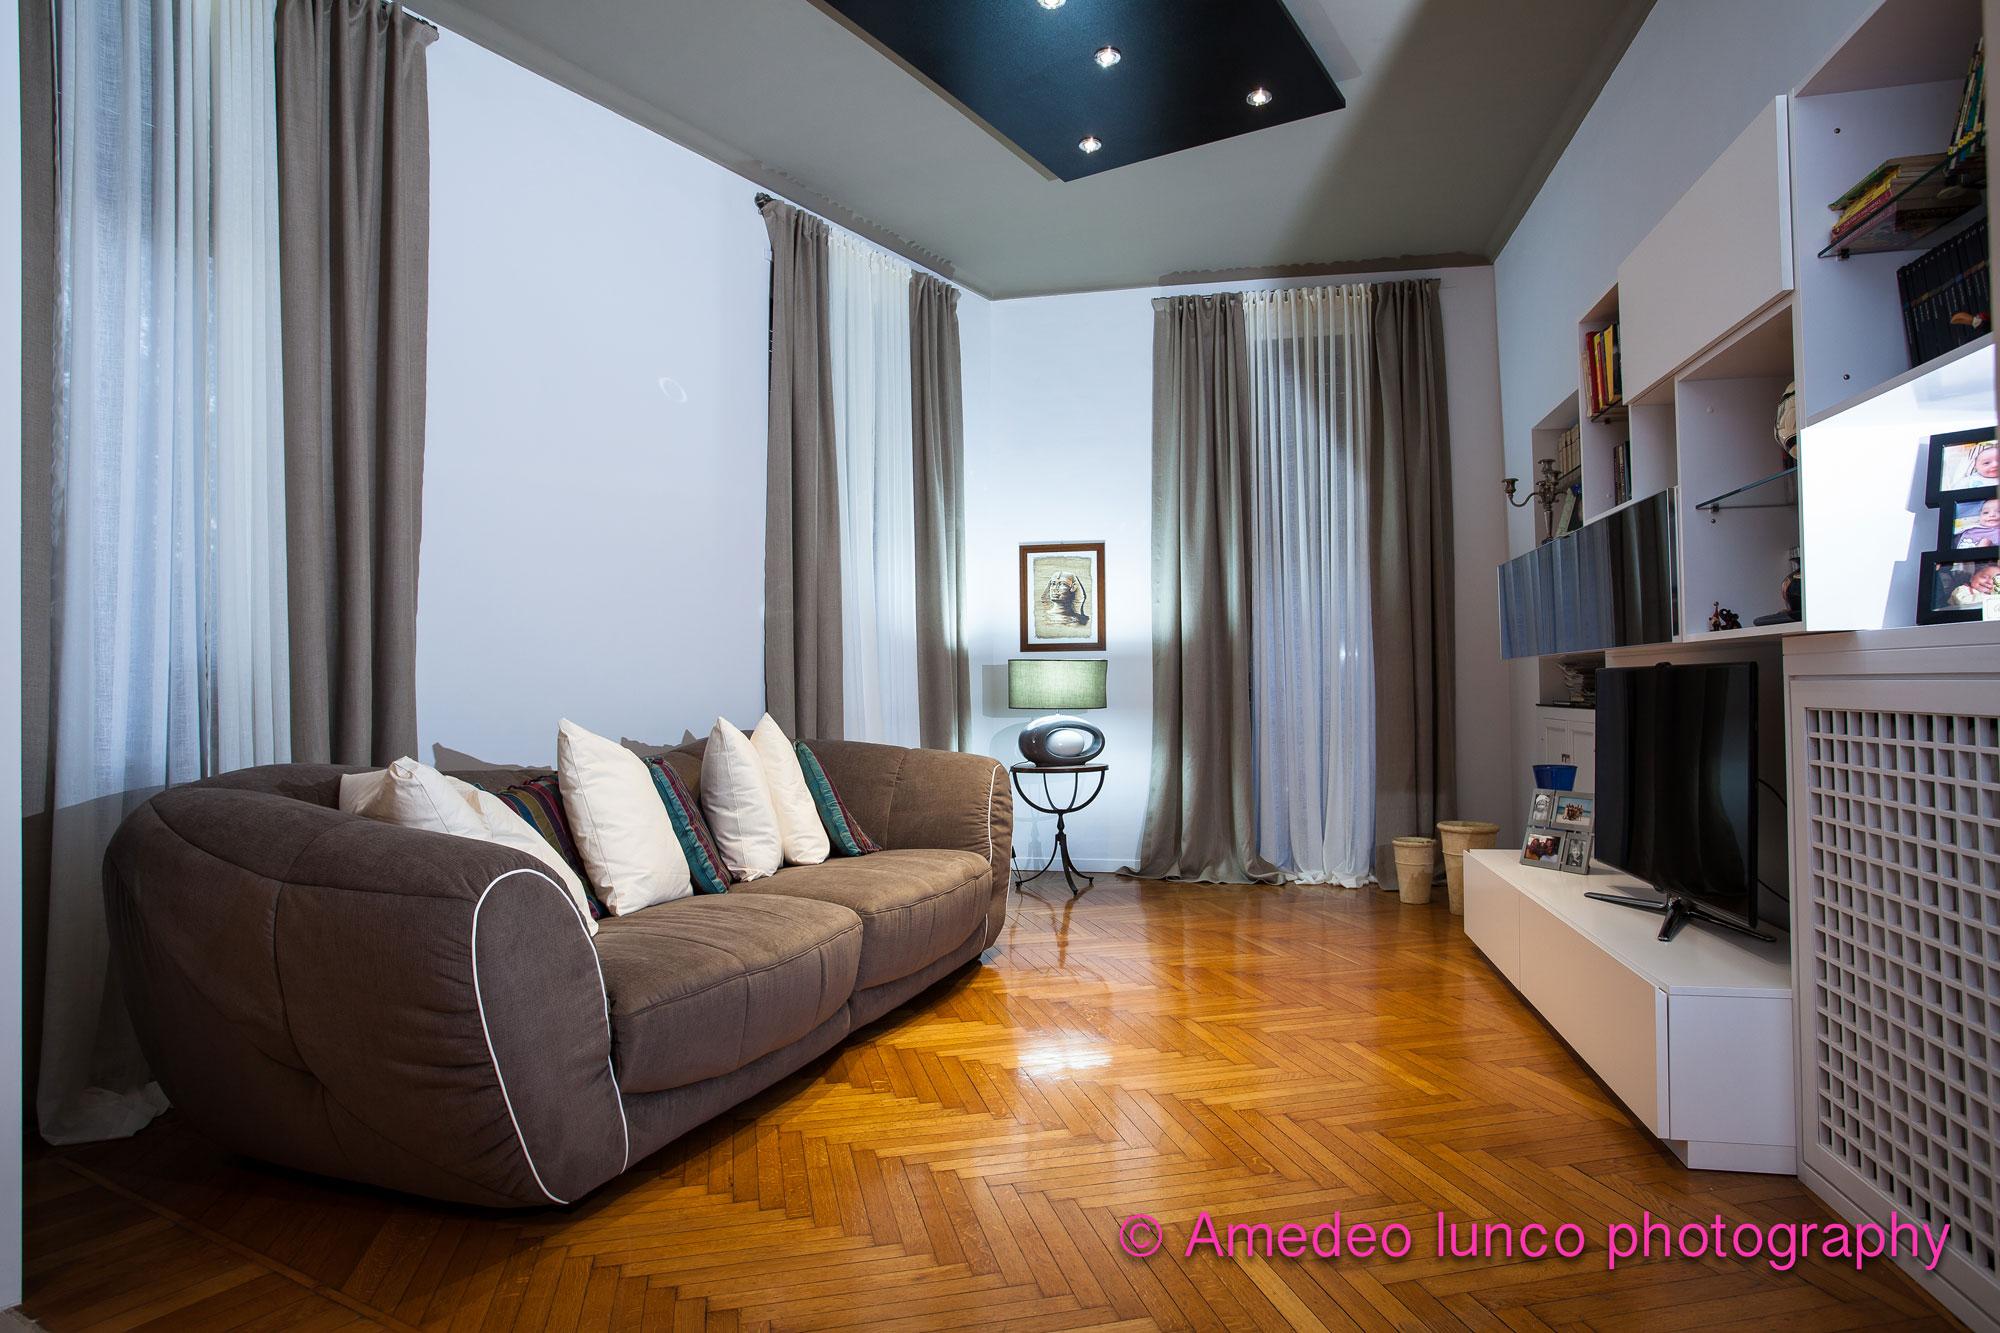 Casa quadrilatero romano torino tracce design studio for Casa design torino